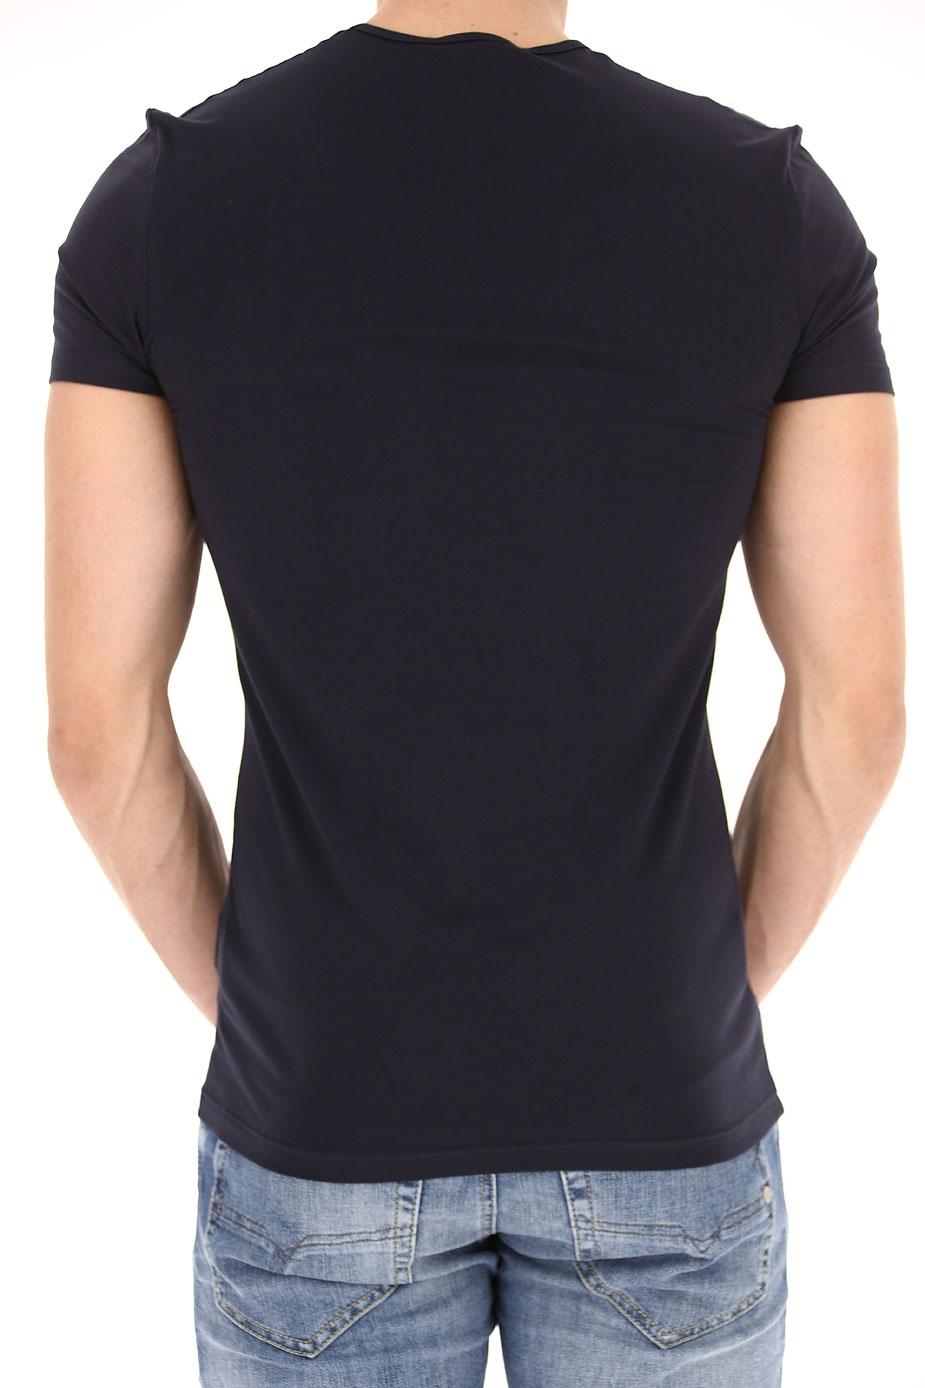 Abbigliamento Articolo Abbigliamento 402 Zegna Codice n2m20010 Ermenegildo Uomo Ermenegildo Uomo Zegna C7FqTC